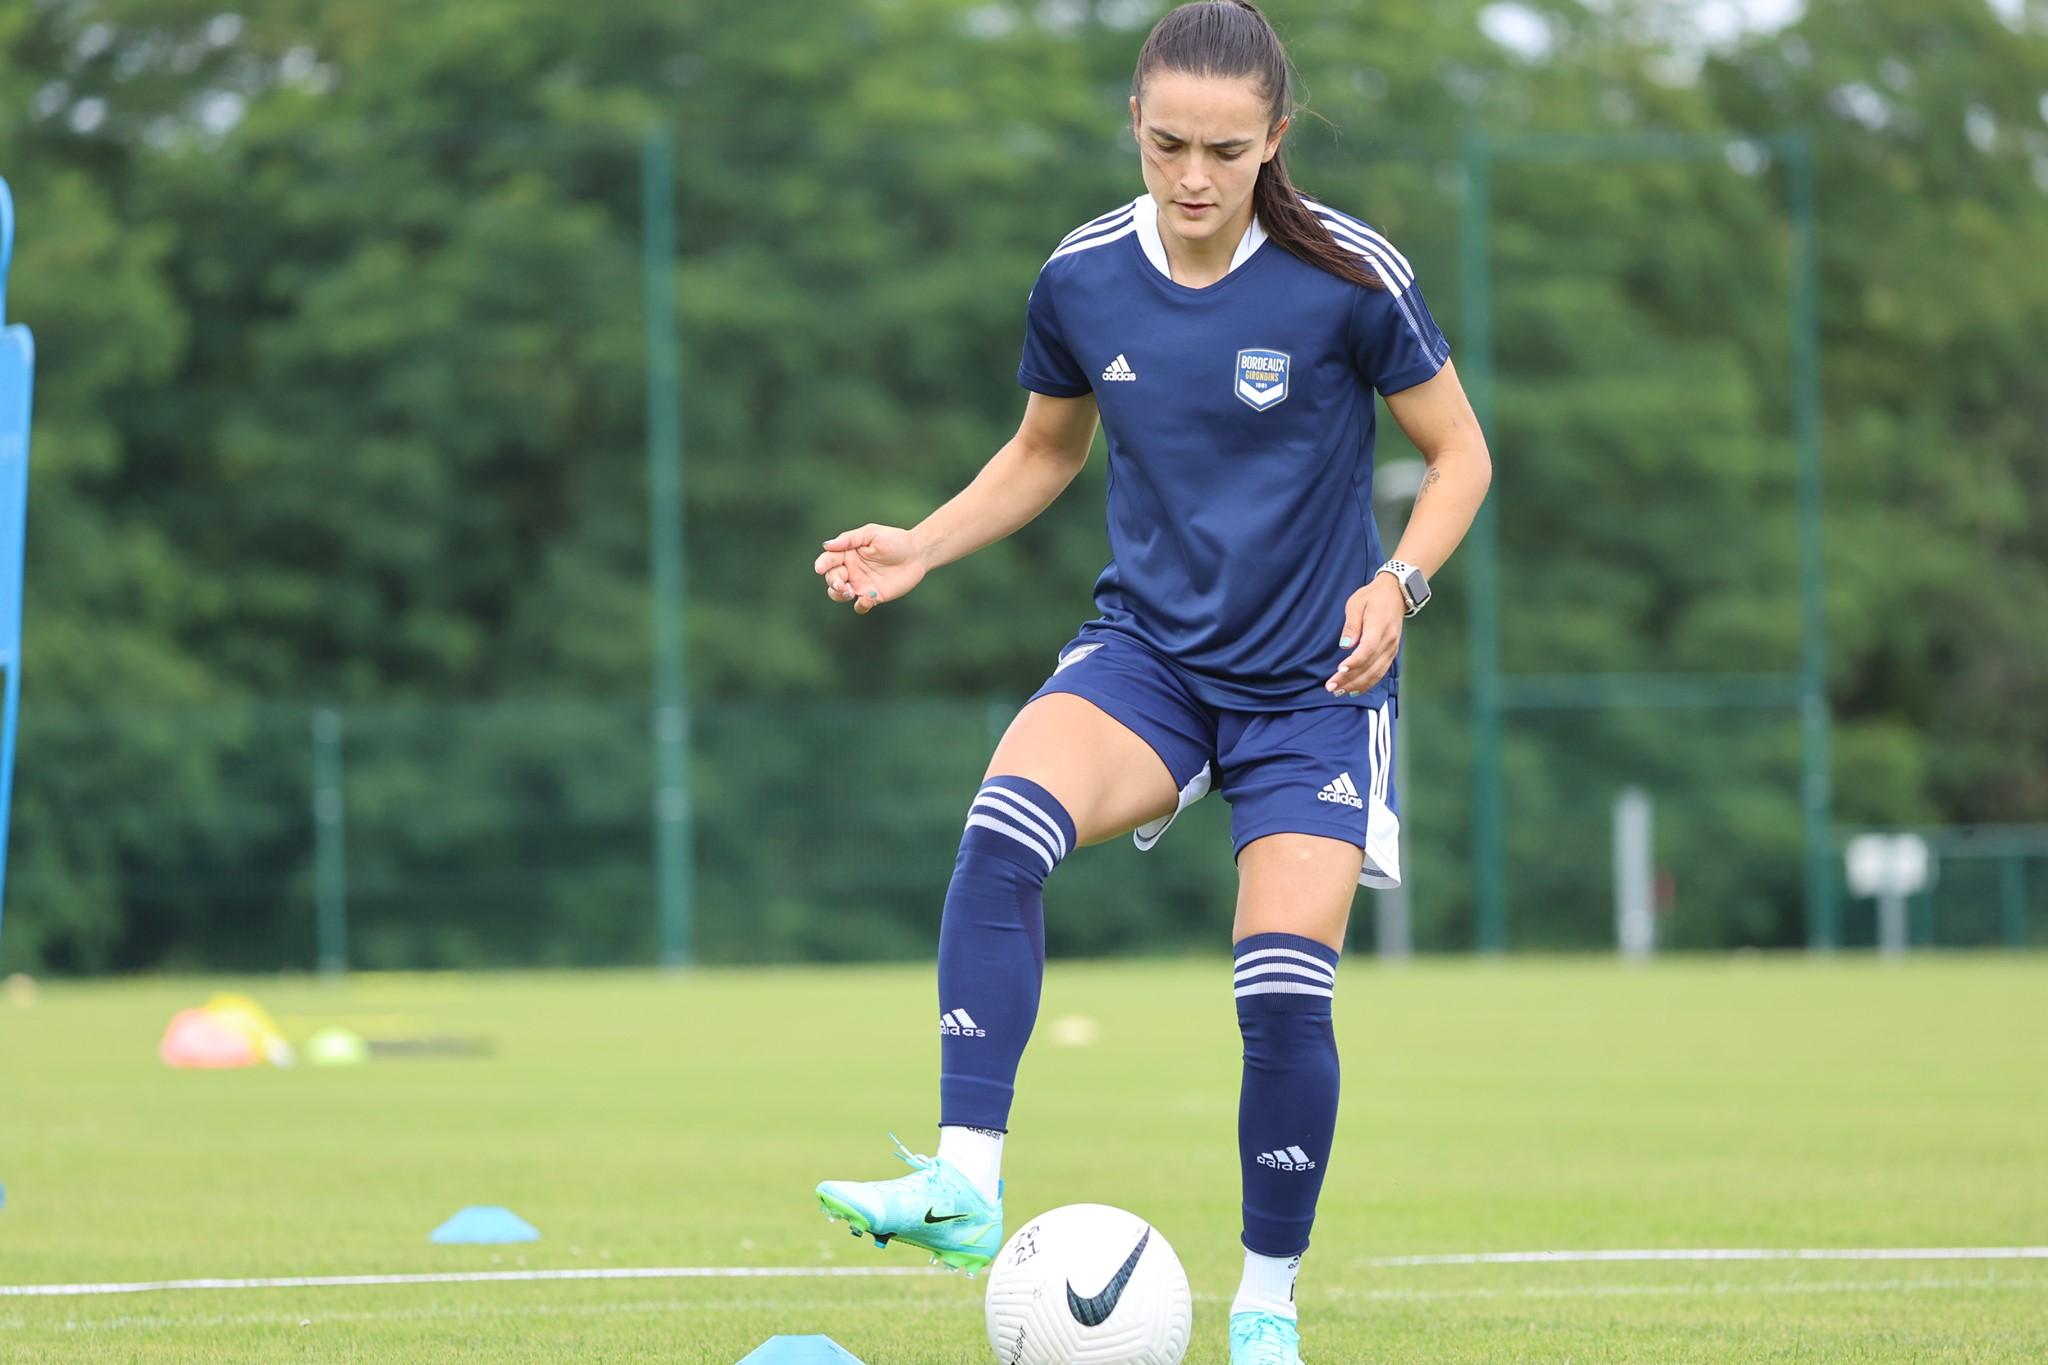 Melissa Herrera tuvo su primera presencia en cancha con el Girondins de Bordeaux, que ganó 0 – 3 al PSG en pretemporada. Foto: Bordeaux.